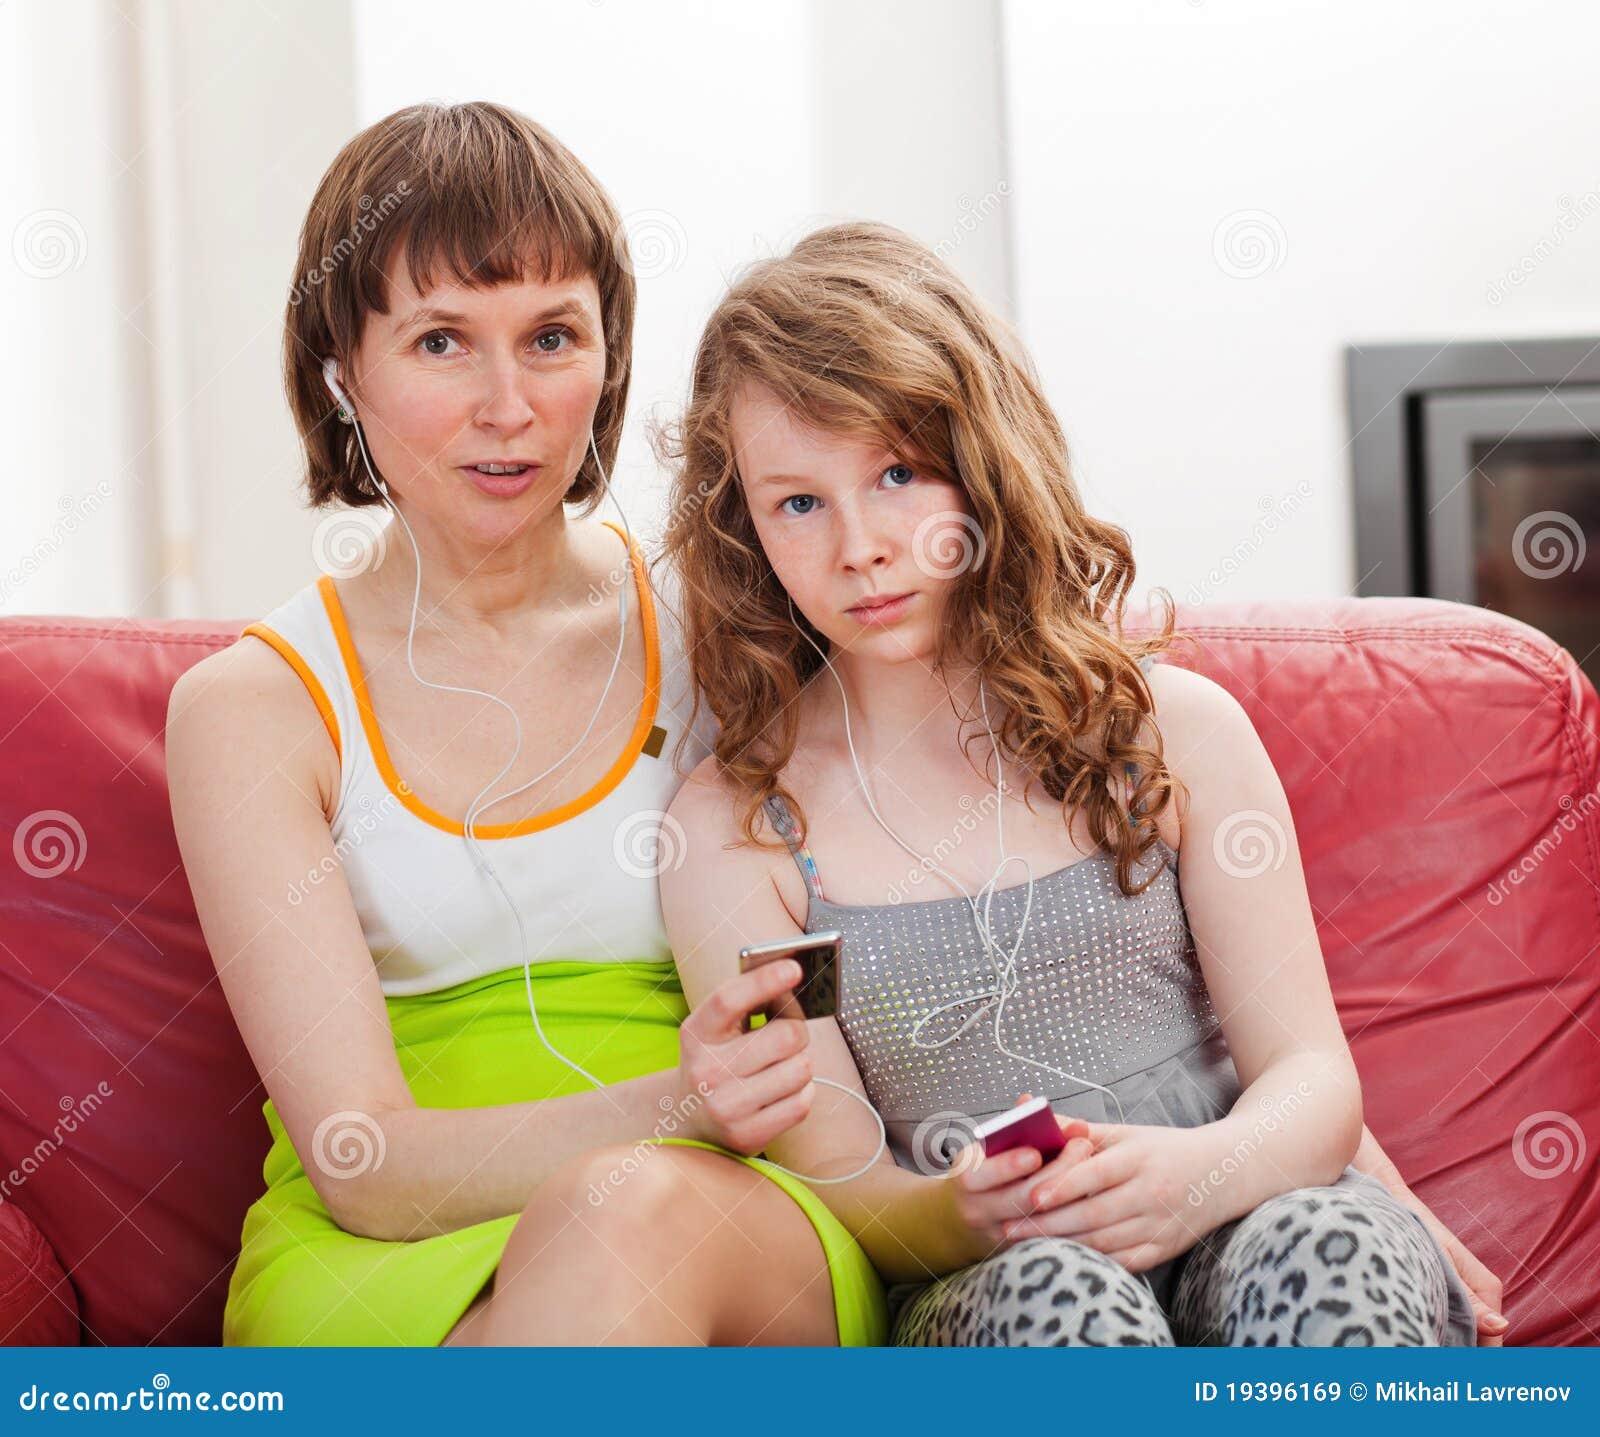 Смотреть мама доч 18 фотография